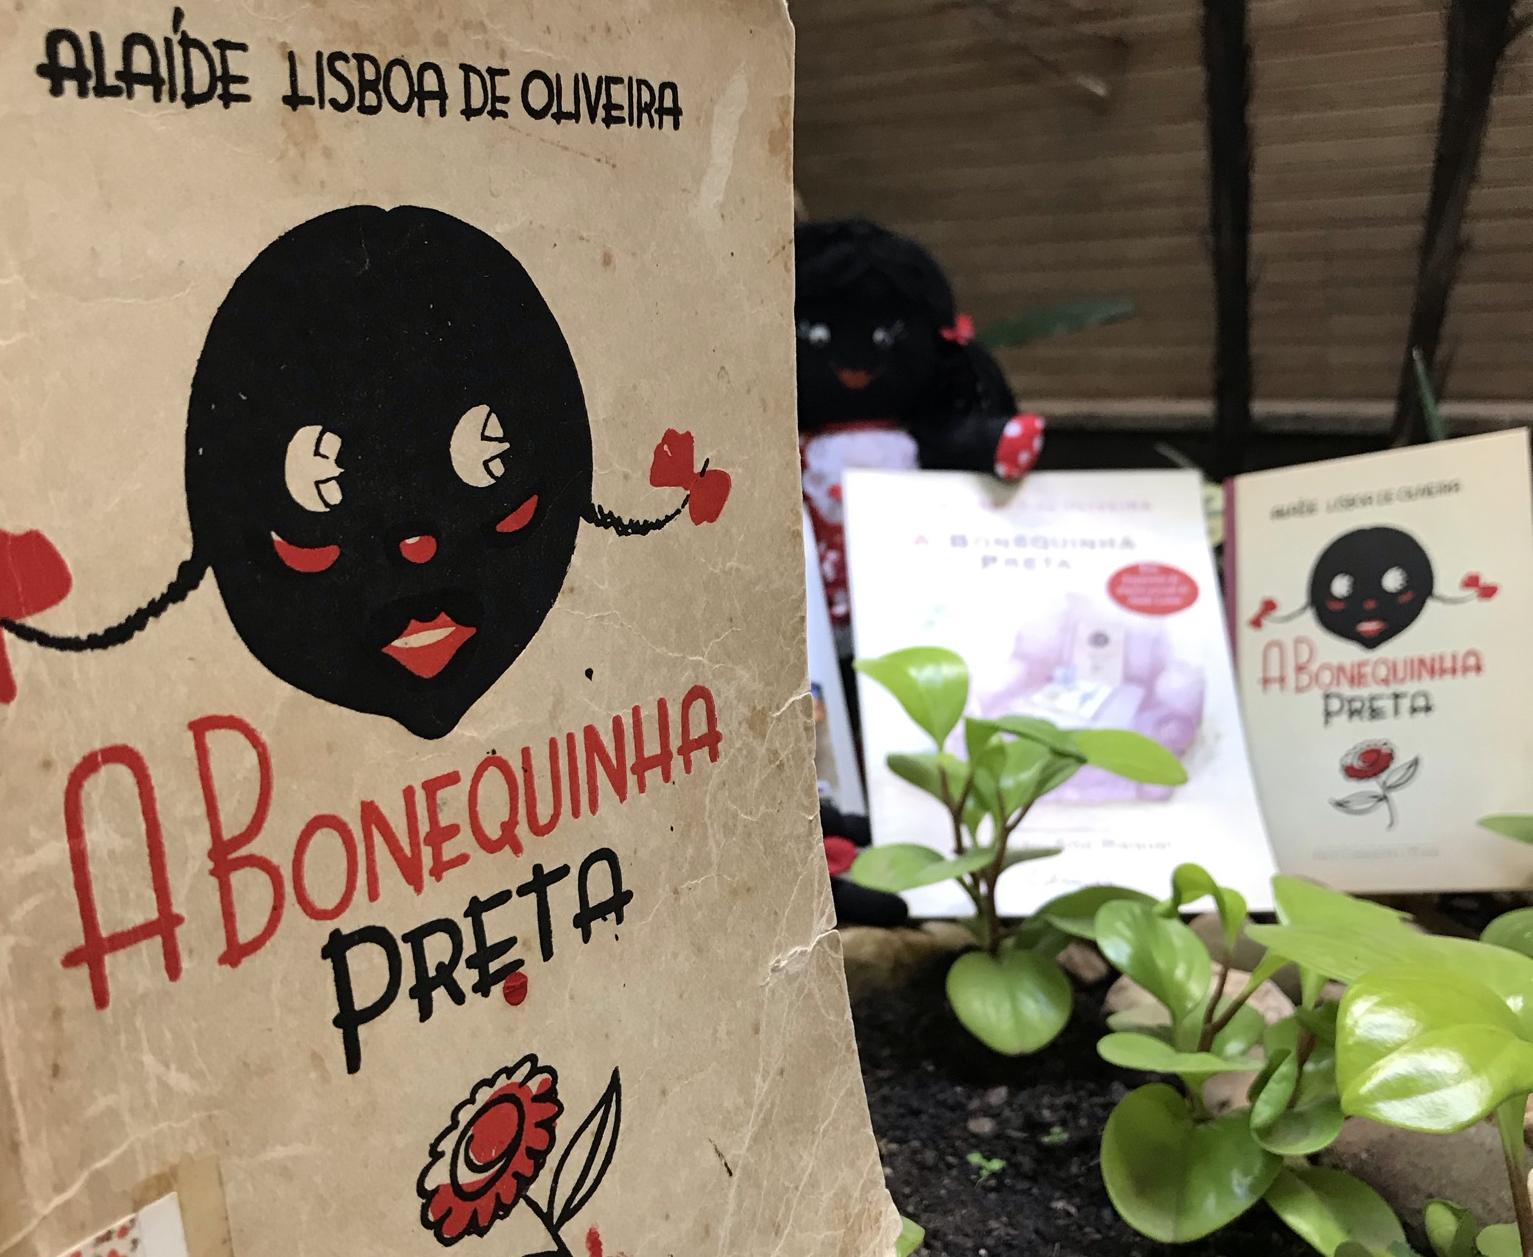 Livro A Bonequinha Preta clássico, com outras versões ao fundo.